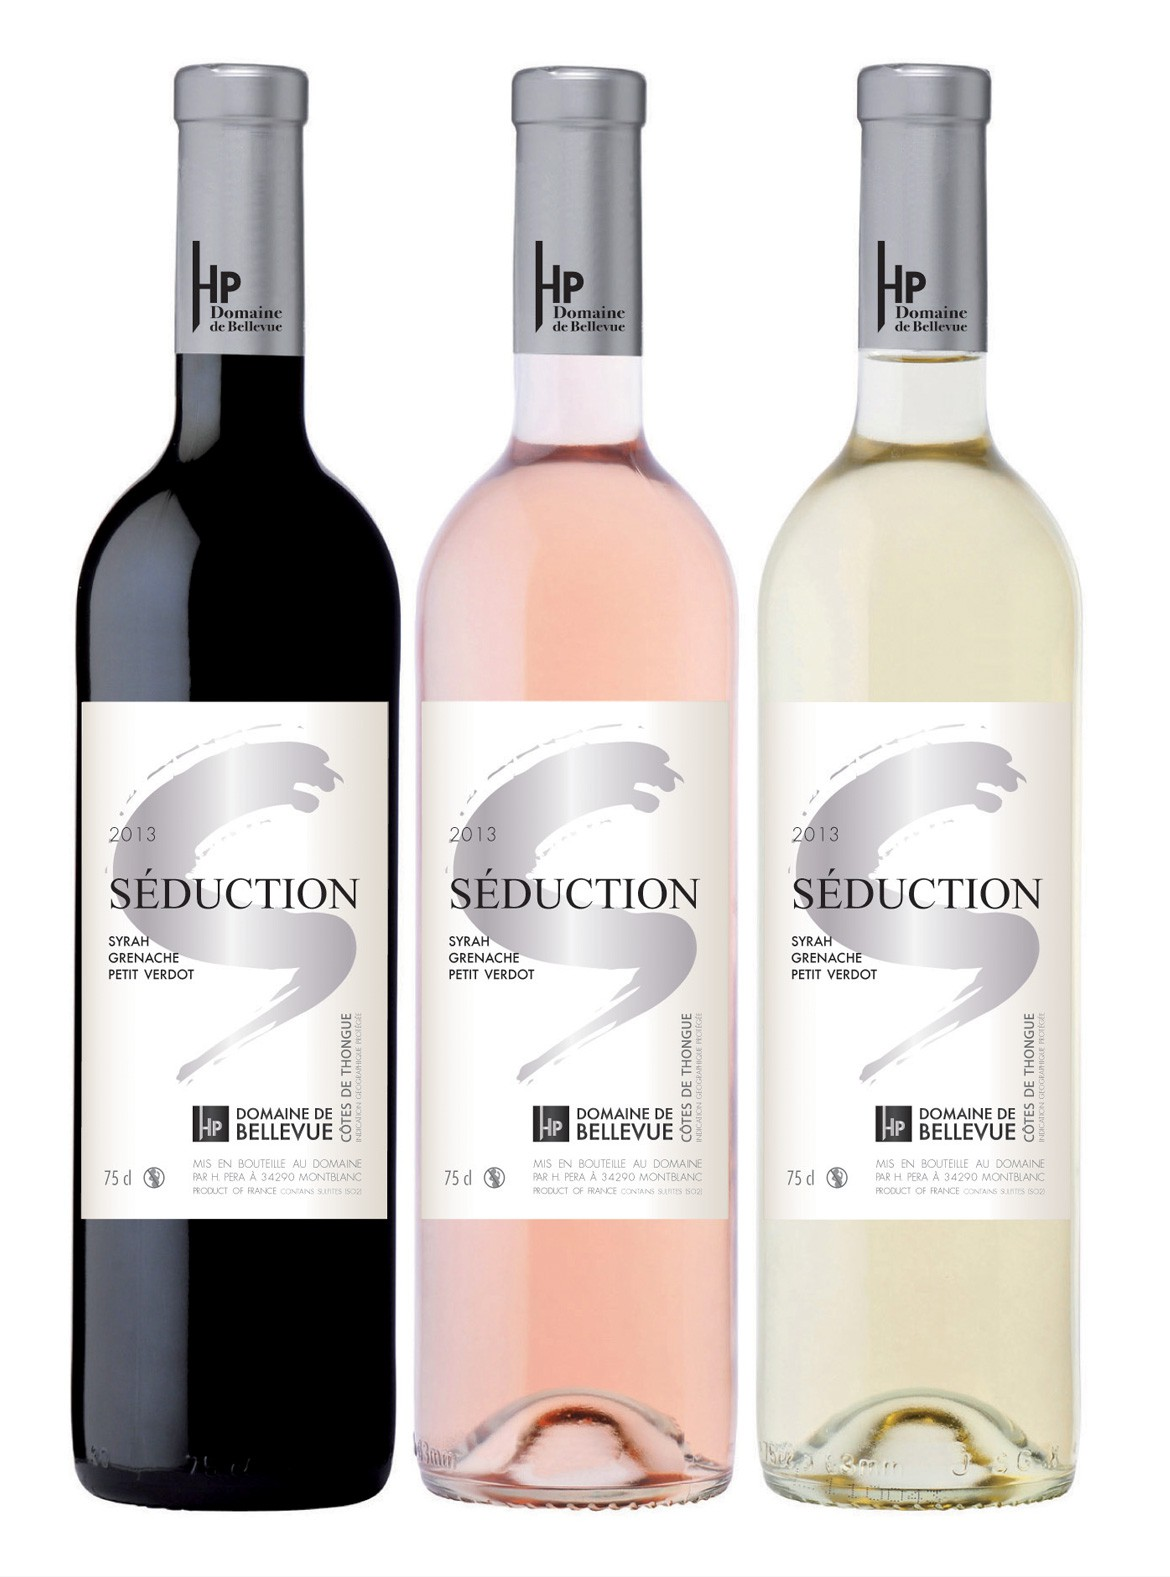 étiquettes vin hp séduction